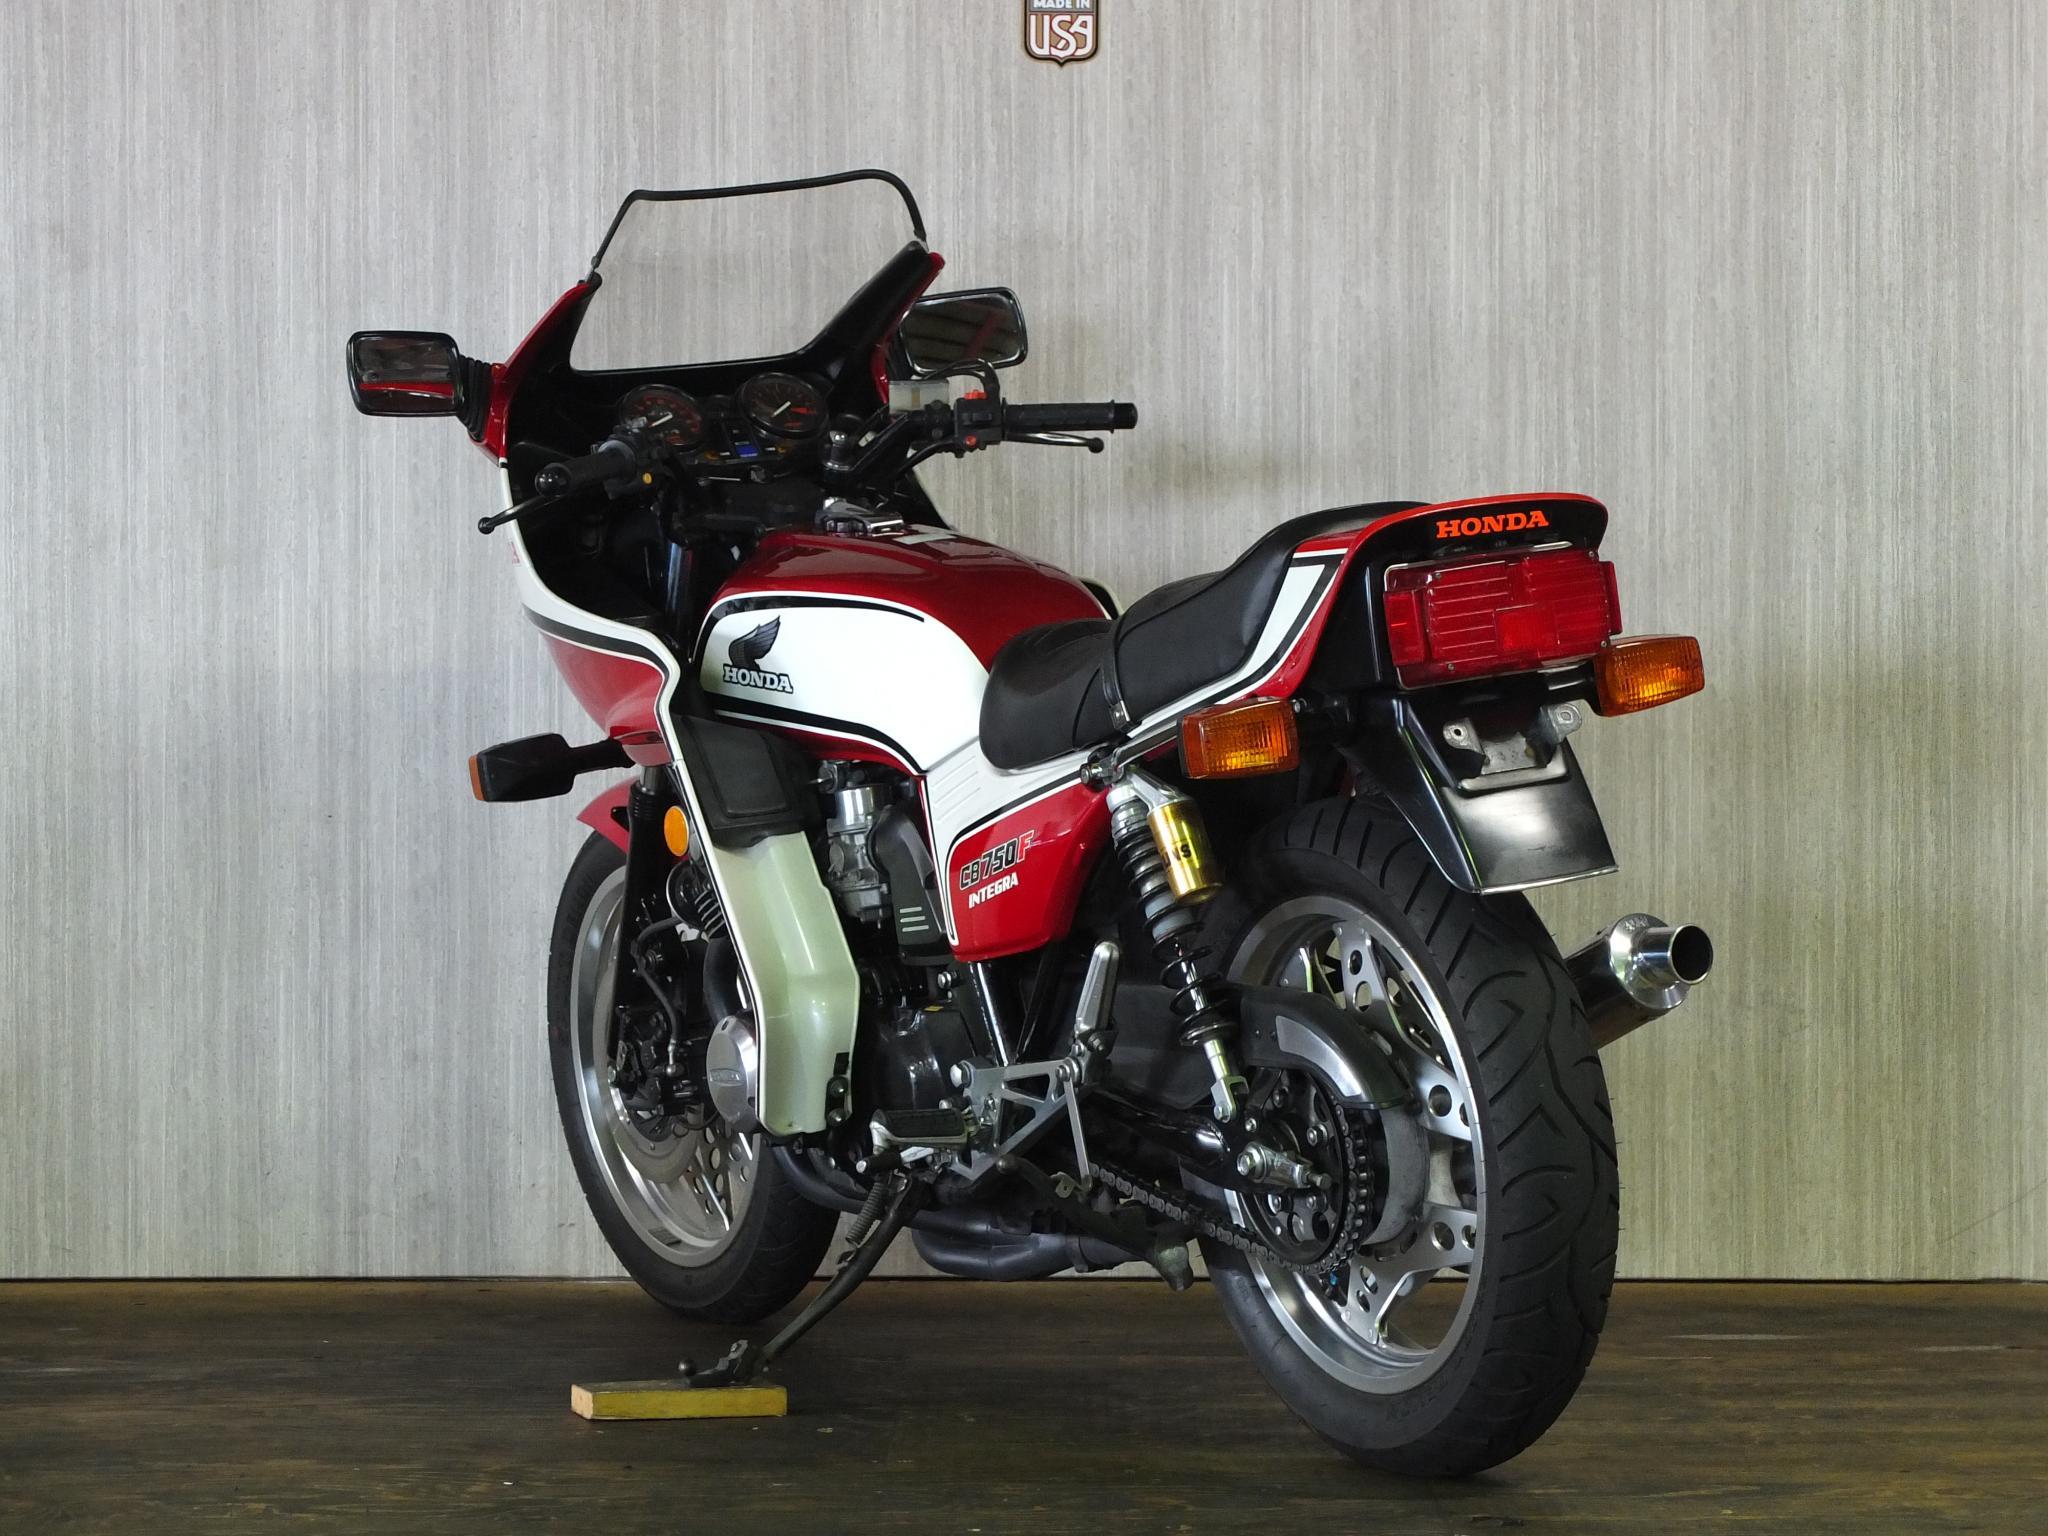 ホンダ 1982 HONDA CB750 INTEGRA 車体写真6